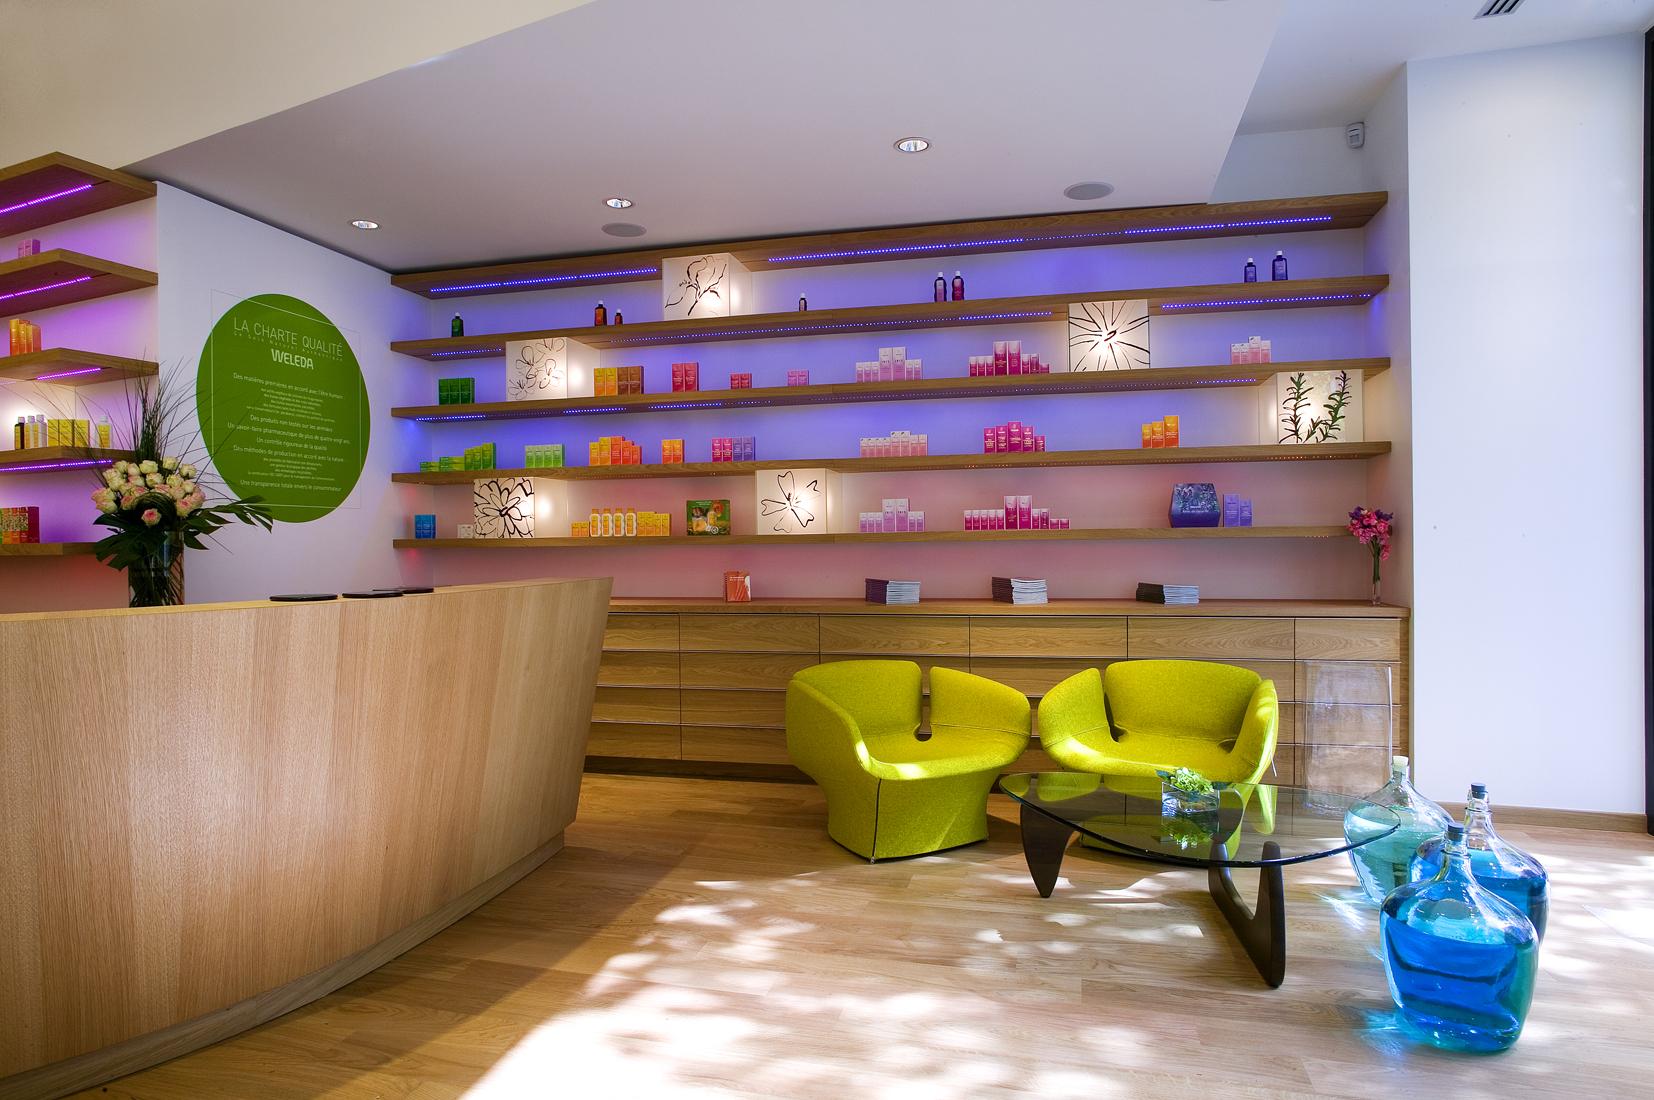 l institut weleda paris sans conteste l une des meilleures exp riences de spa paris. Black Bedroom Furniture Sets. Home Design Ideas